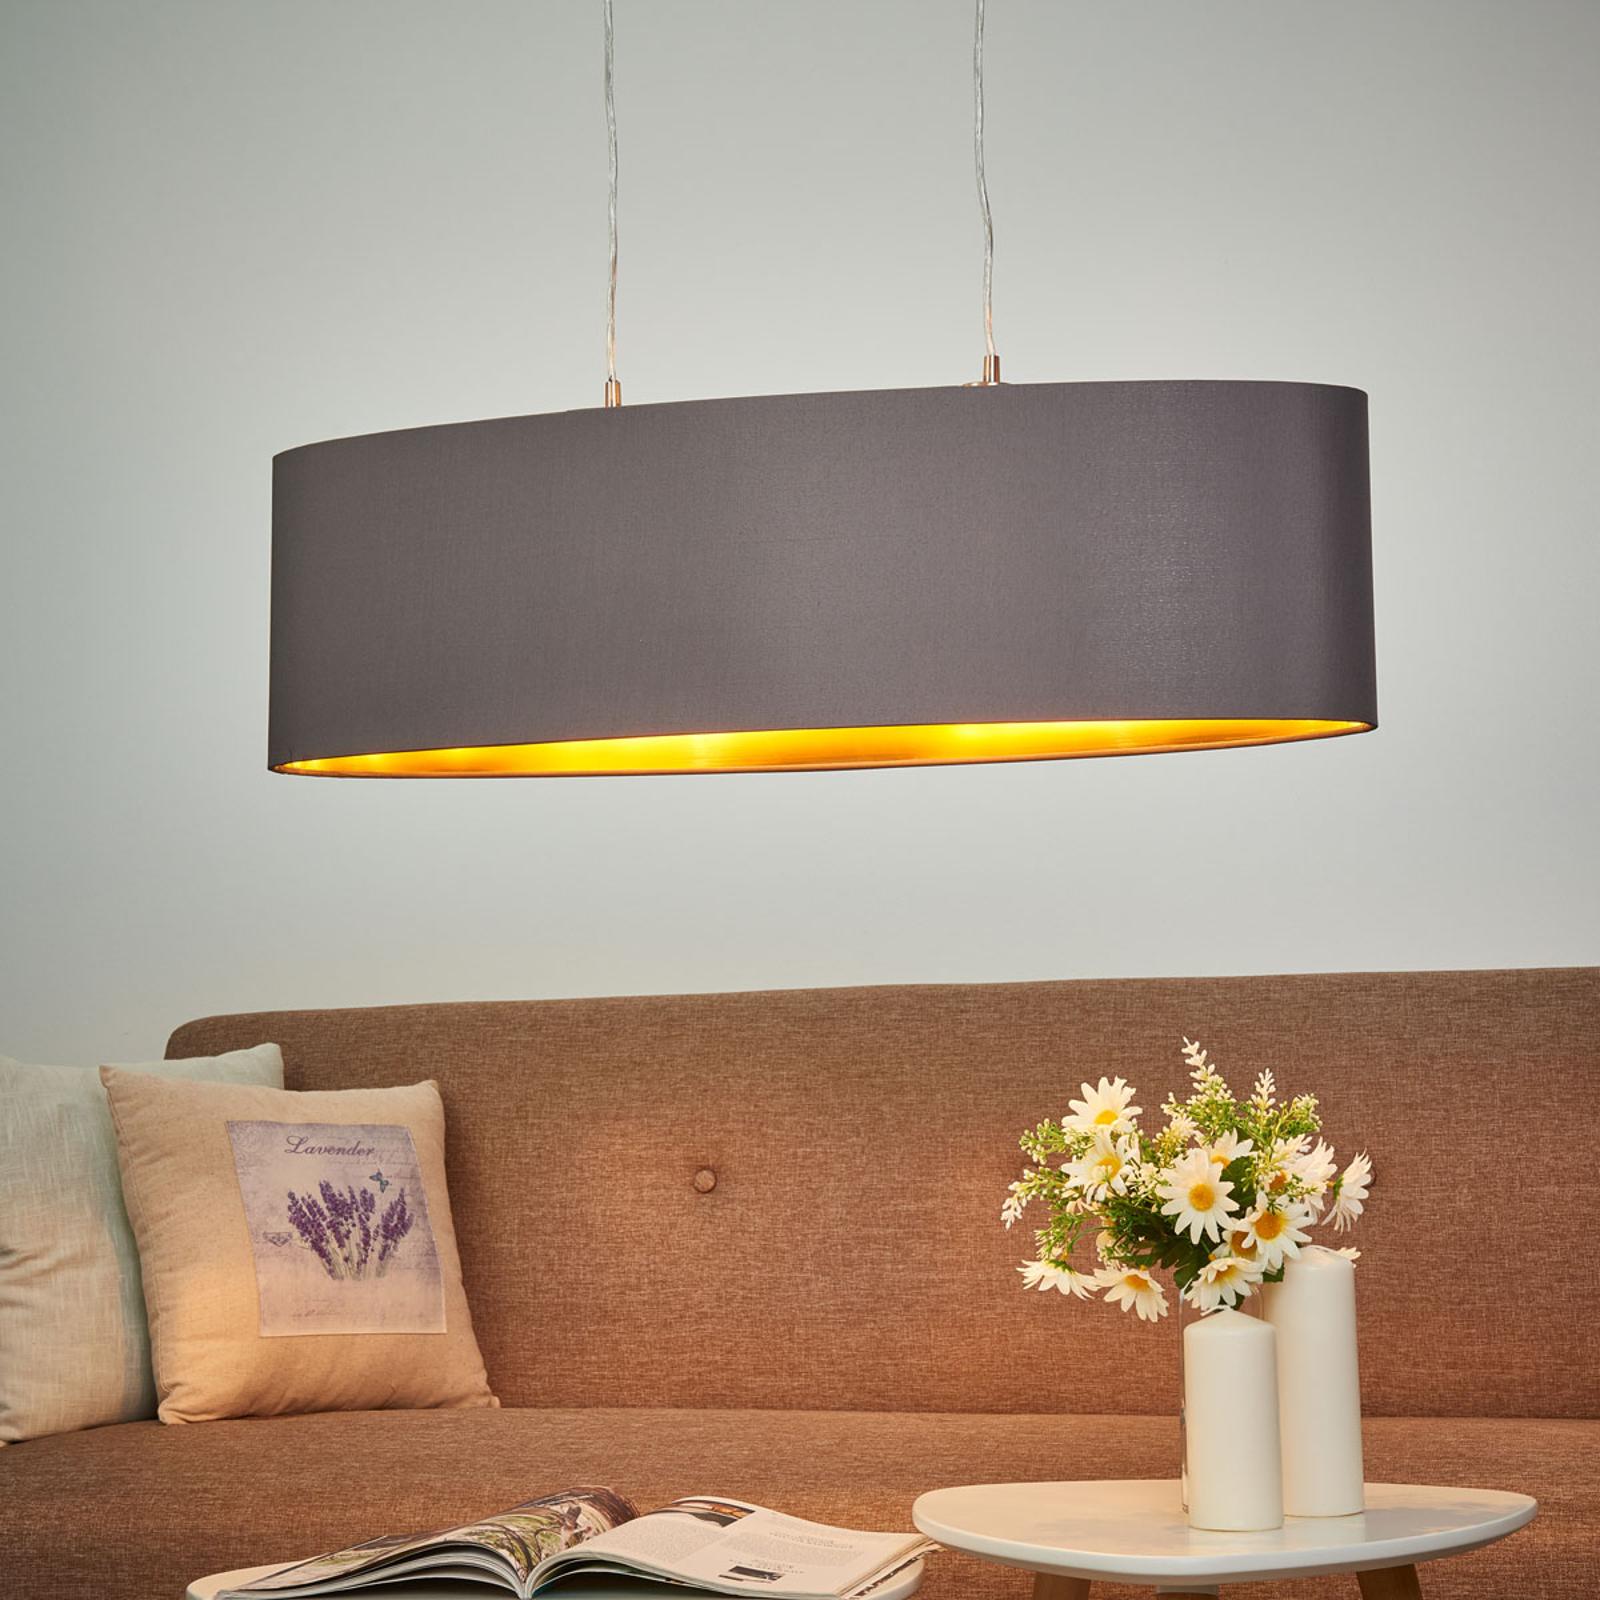 Maserlo závěsné světlo, oválné, cappuccino 78 cm